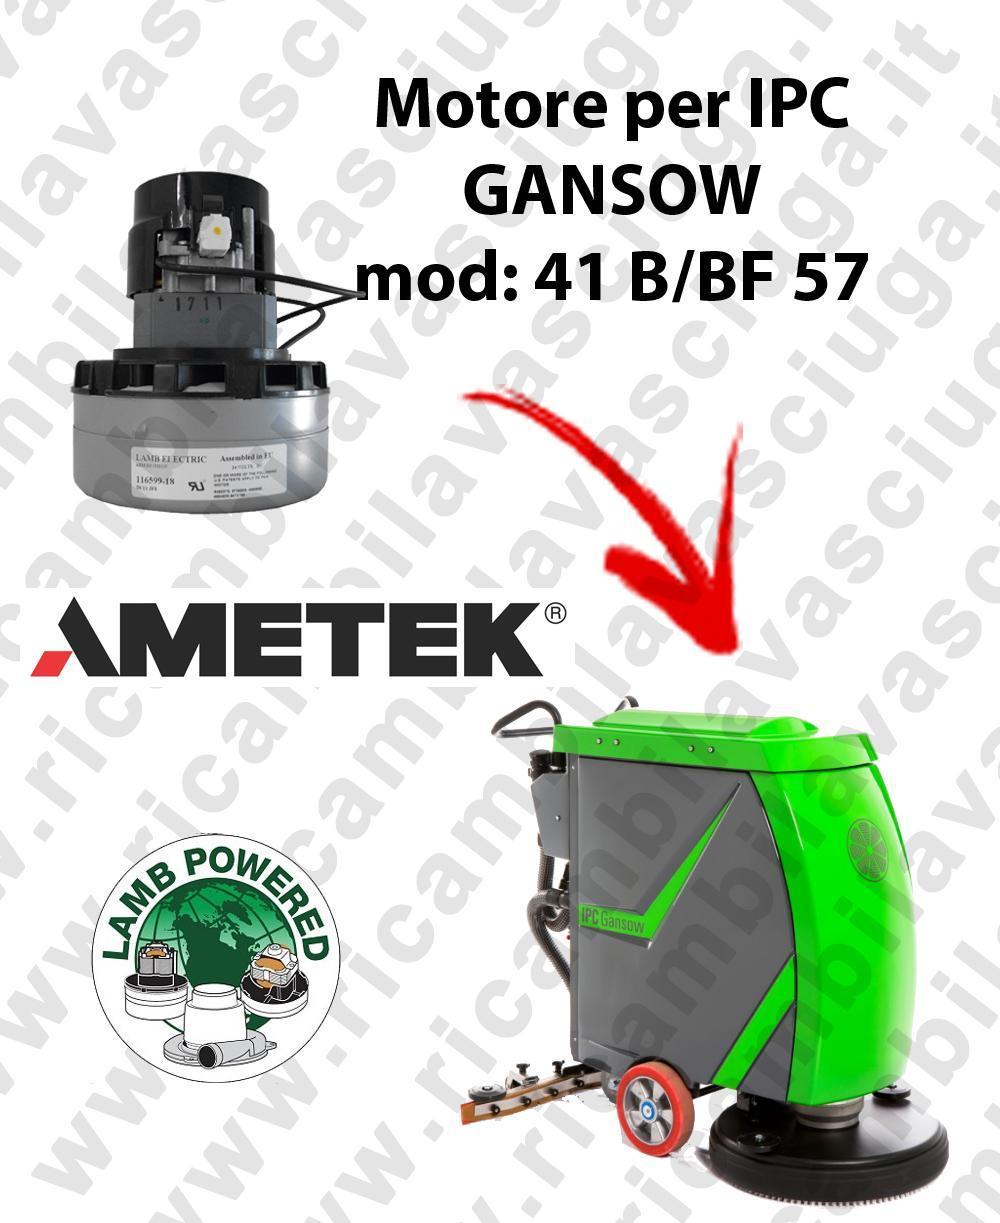 41 B/BF 57 MOTEUR ASPIRATION LAMB AMATEK pour autolaveuses IPC GANSOW